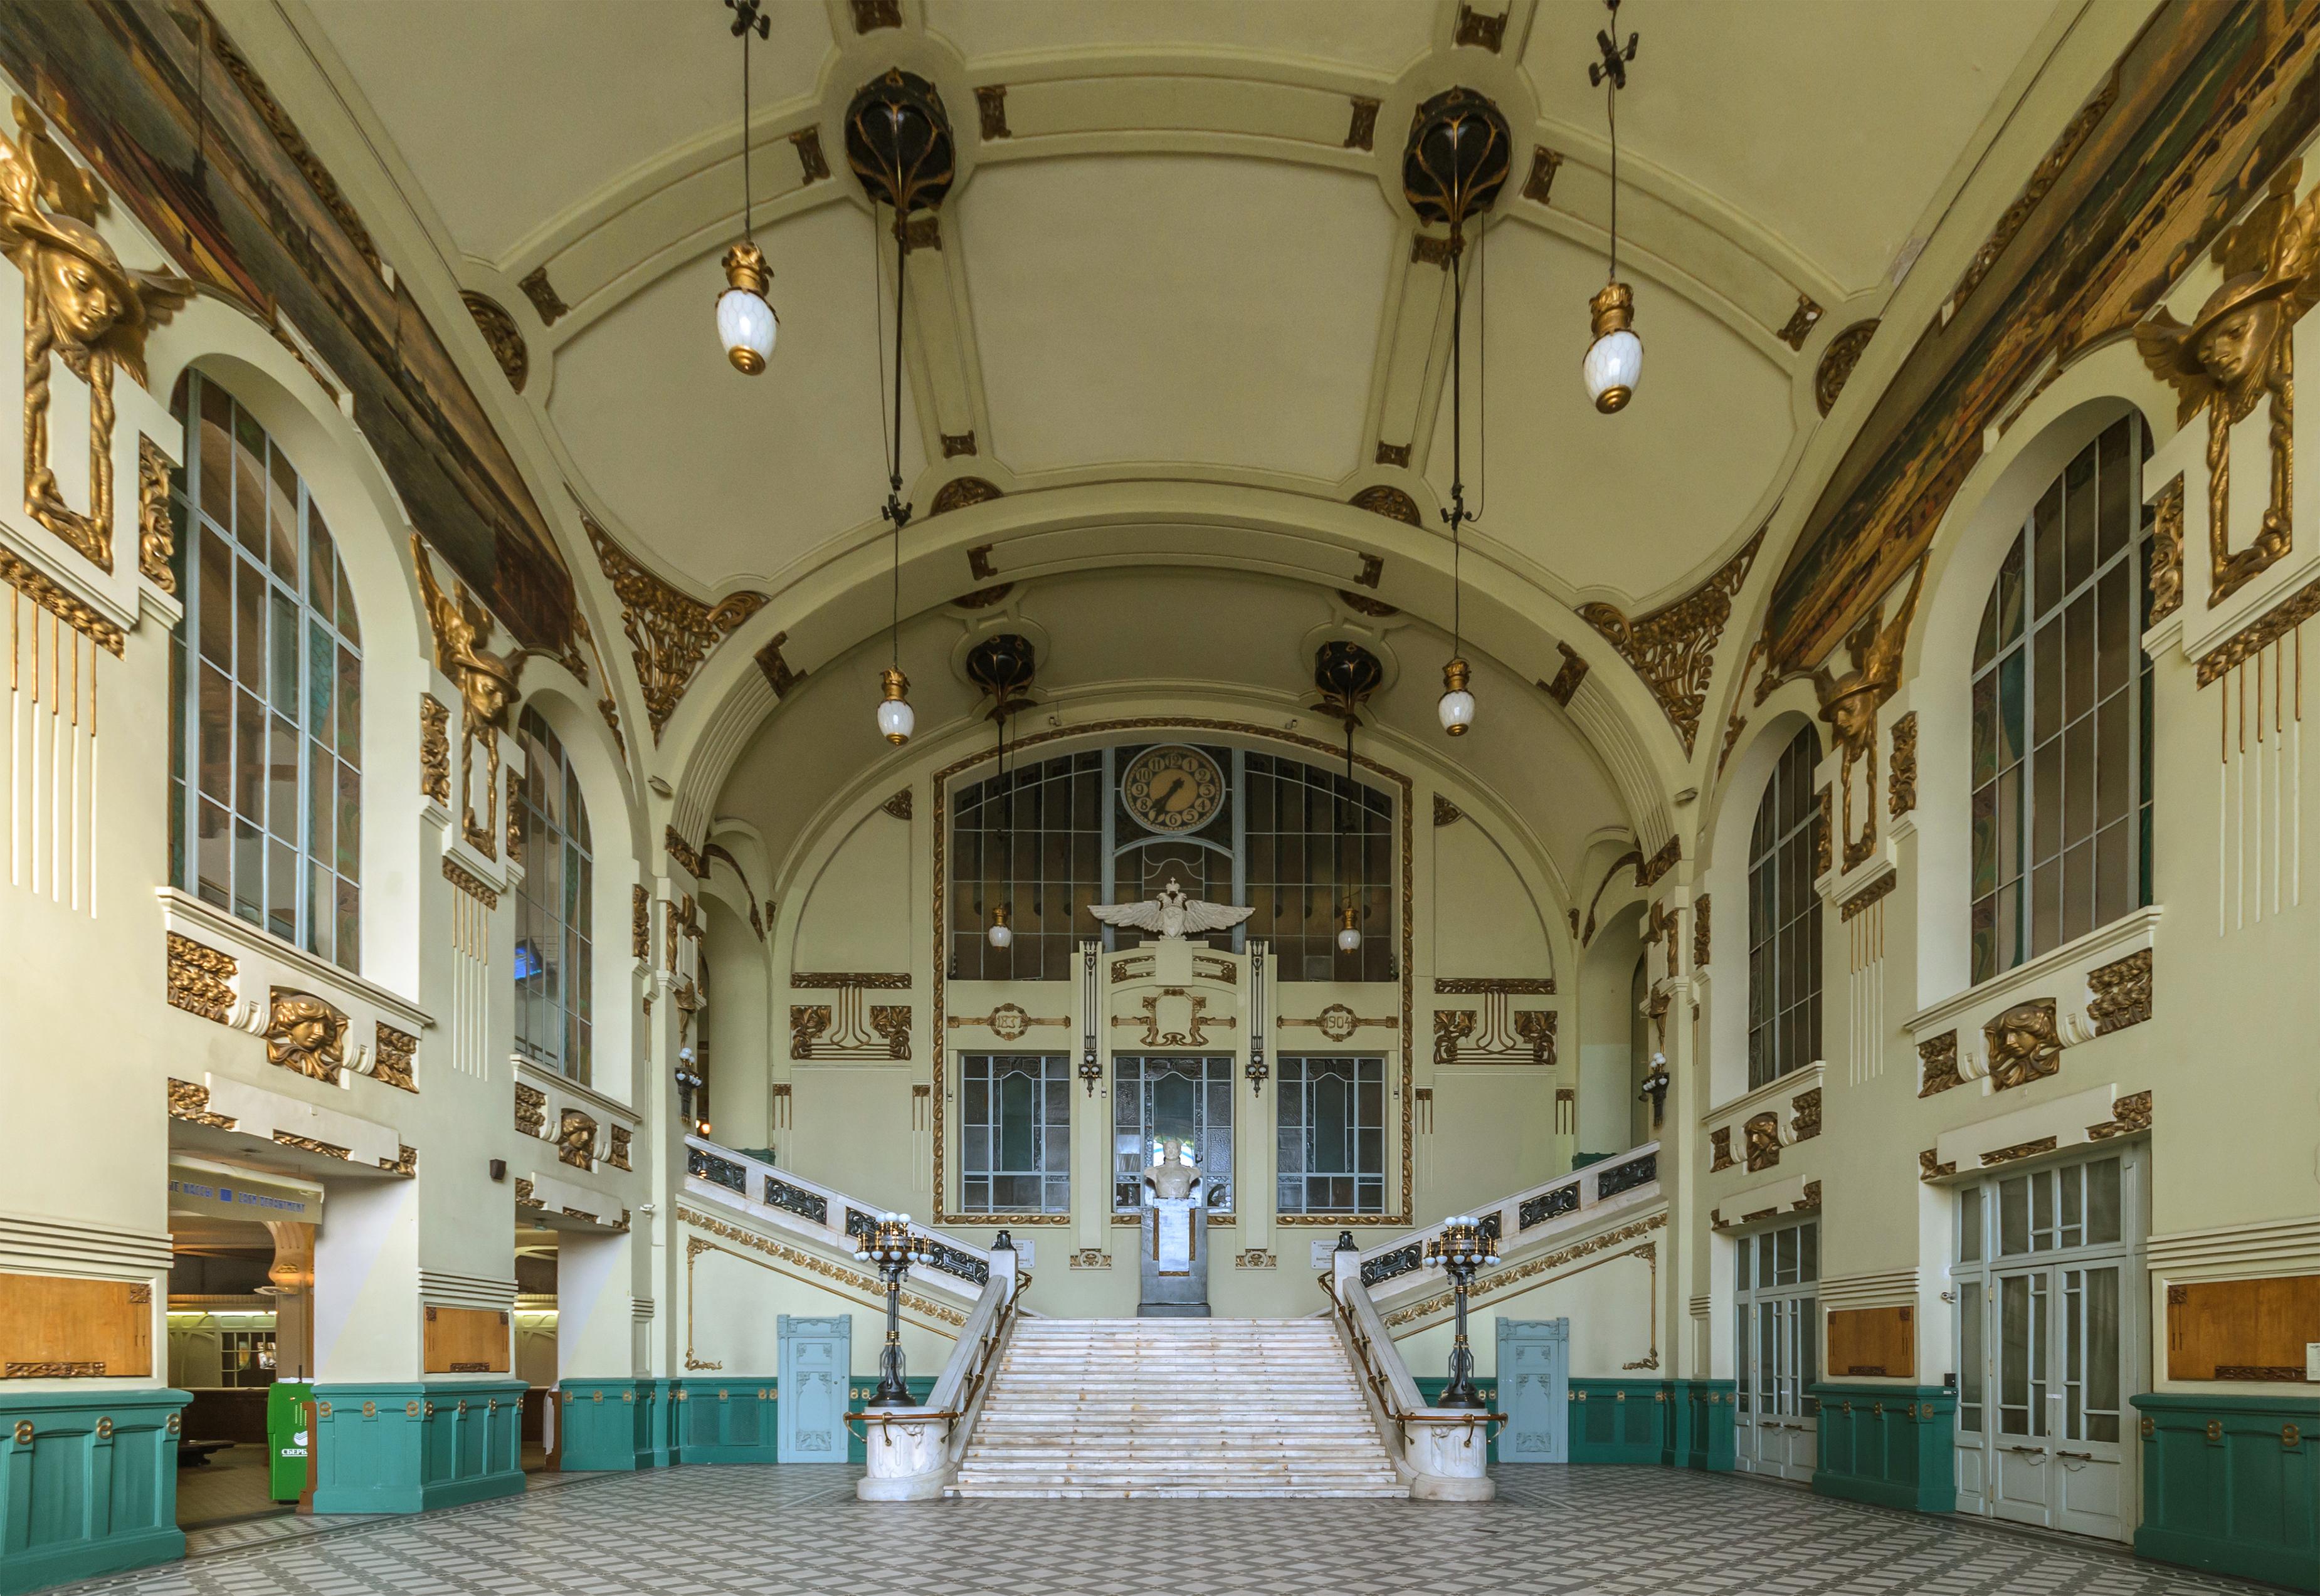 Вестибюль Витебского вокзала в Санкт-Петербурге. Фото: Florstein (WikiPhotoSpace)